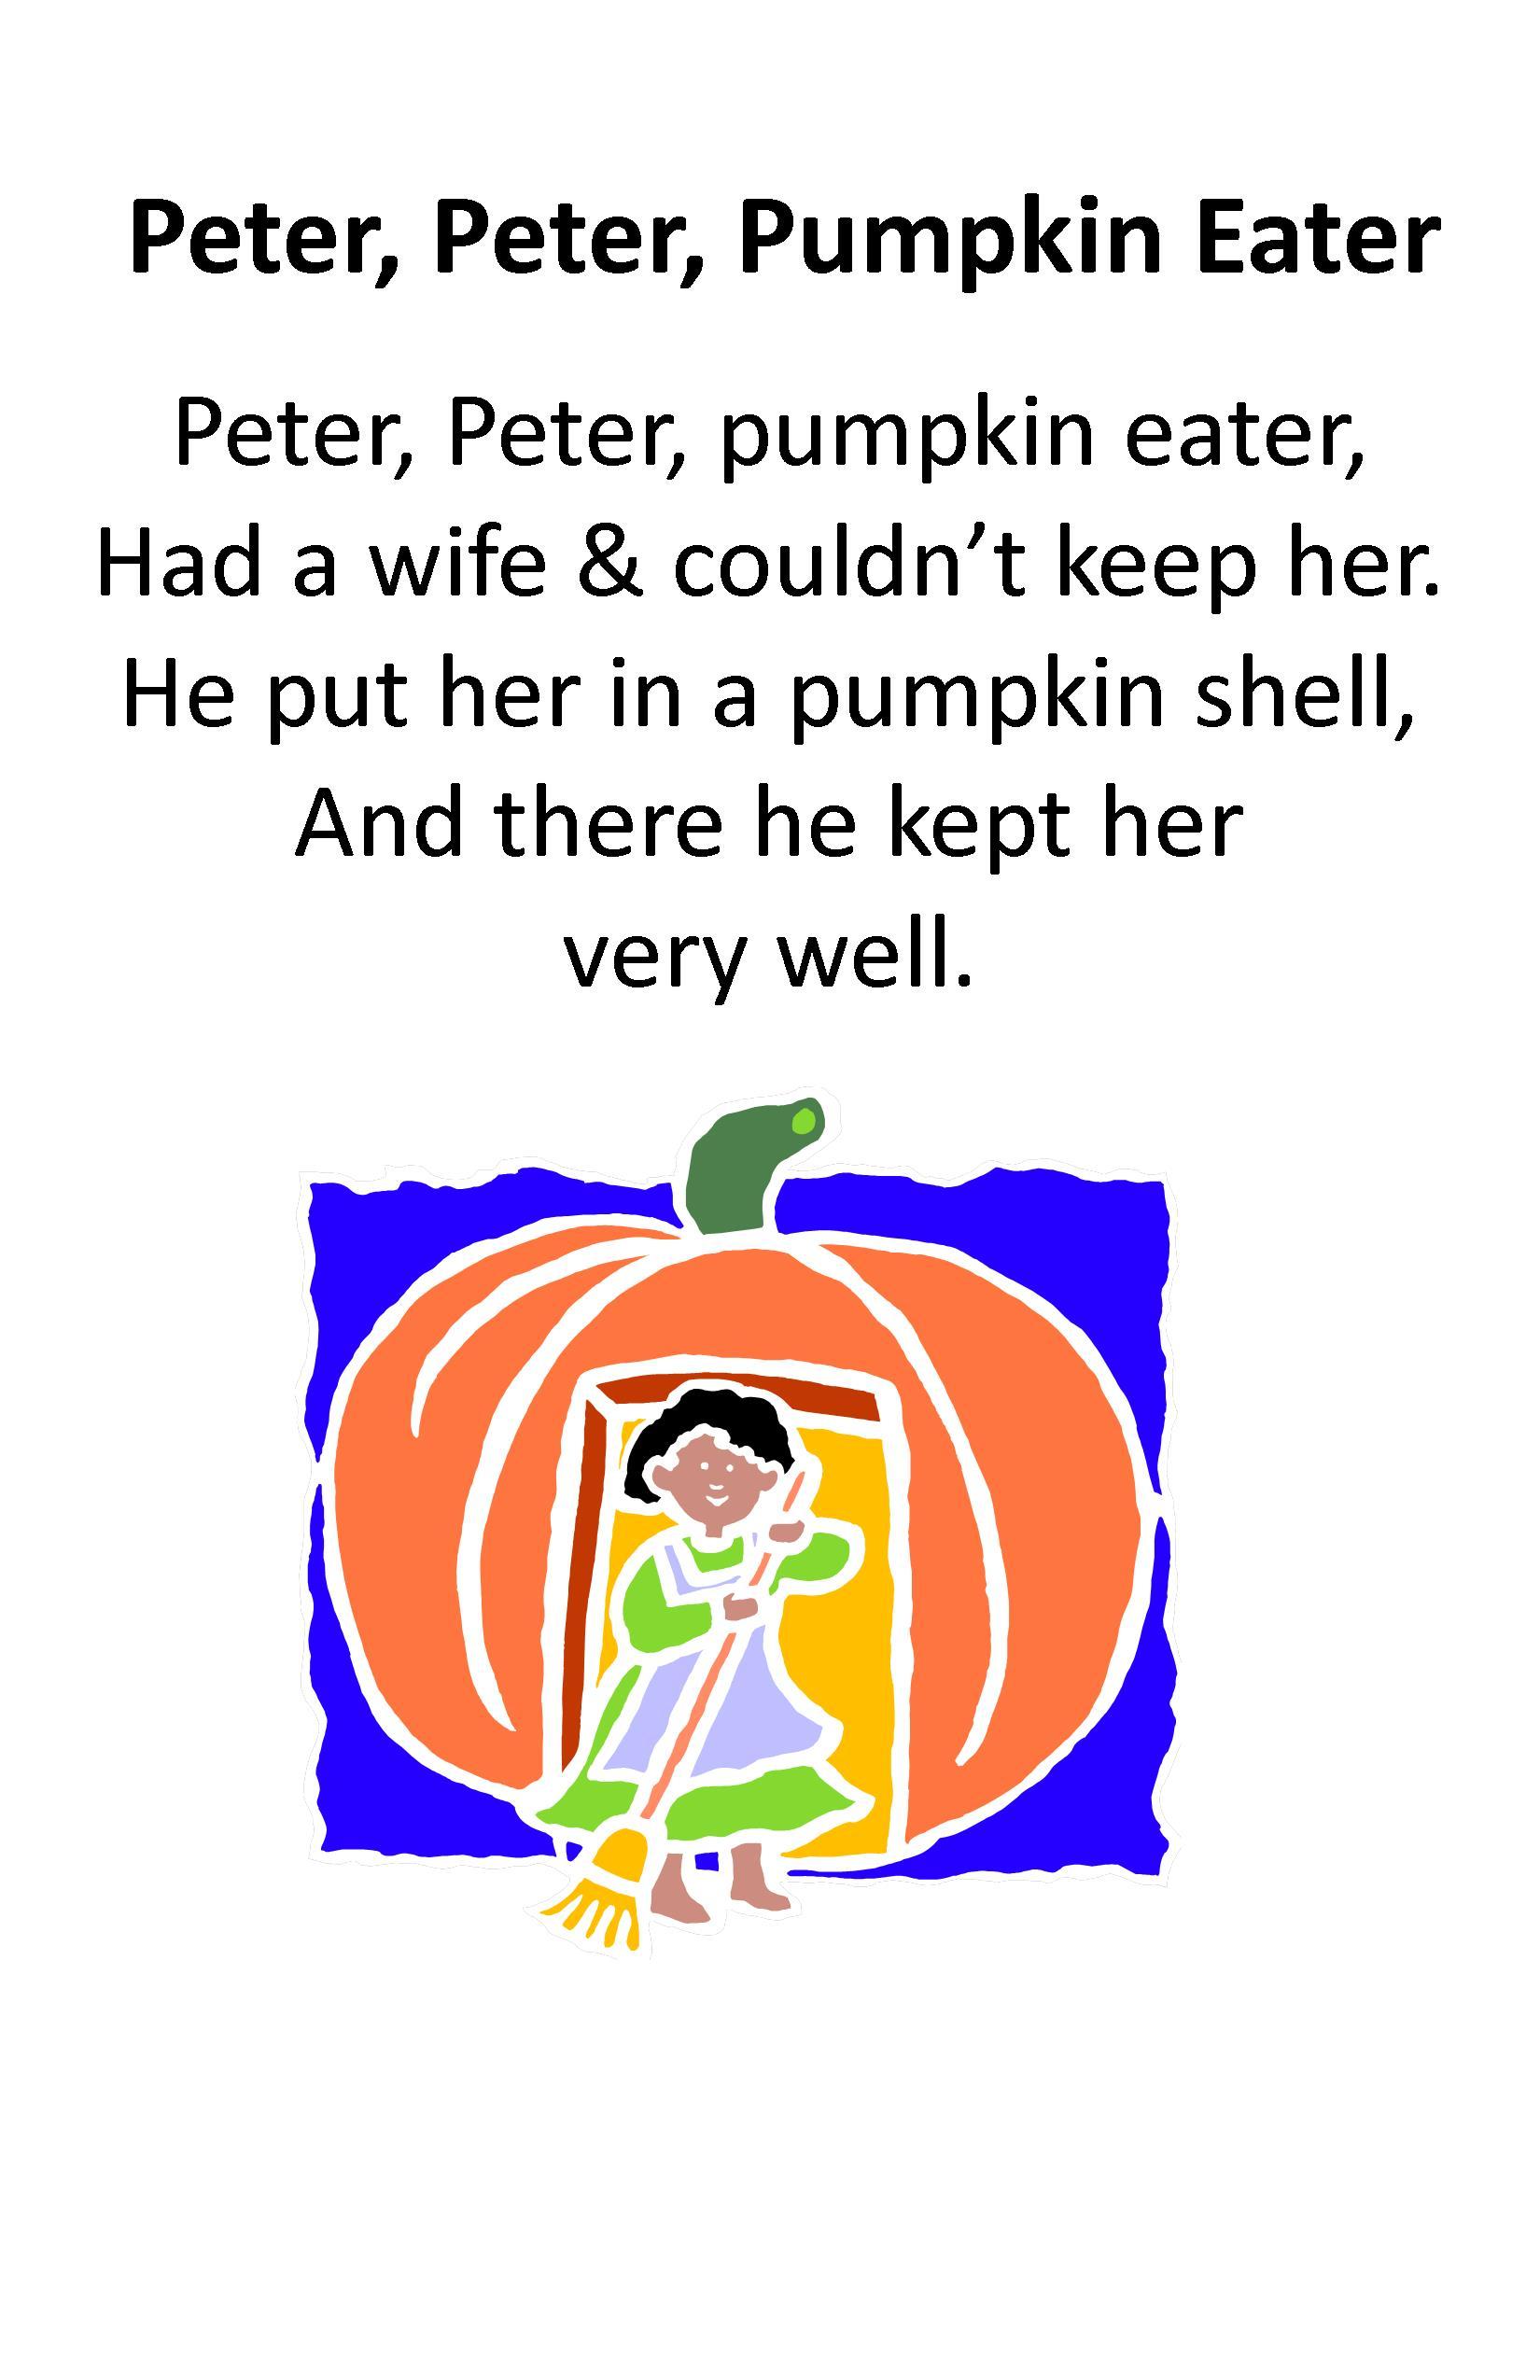 Muffin clipart peter peter pumpkin eater Peter Pumpkin Eater Itty Rhyme: